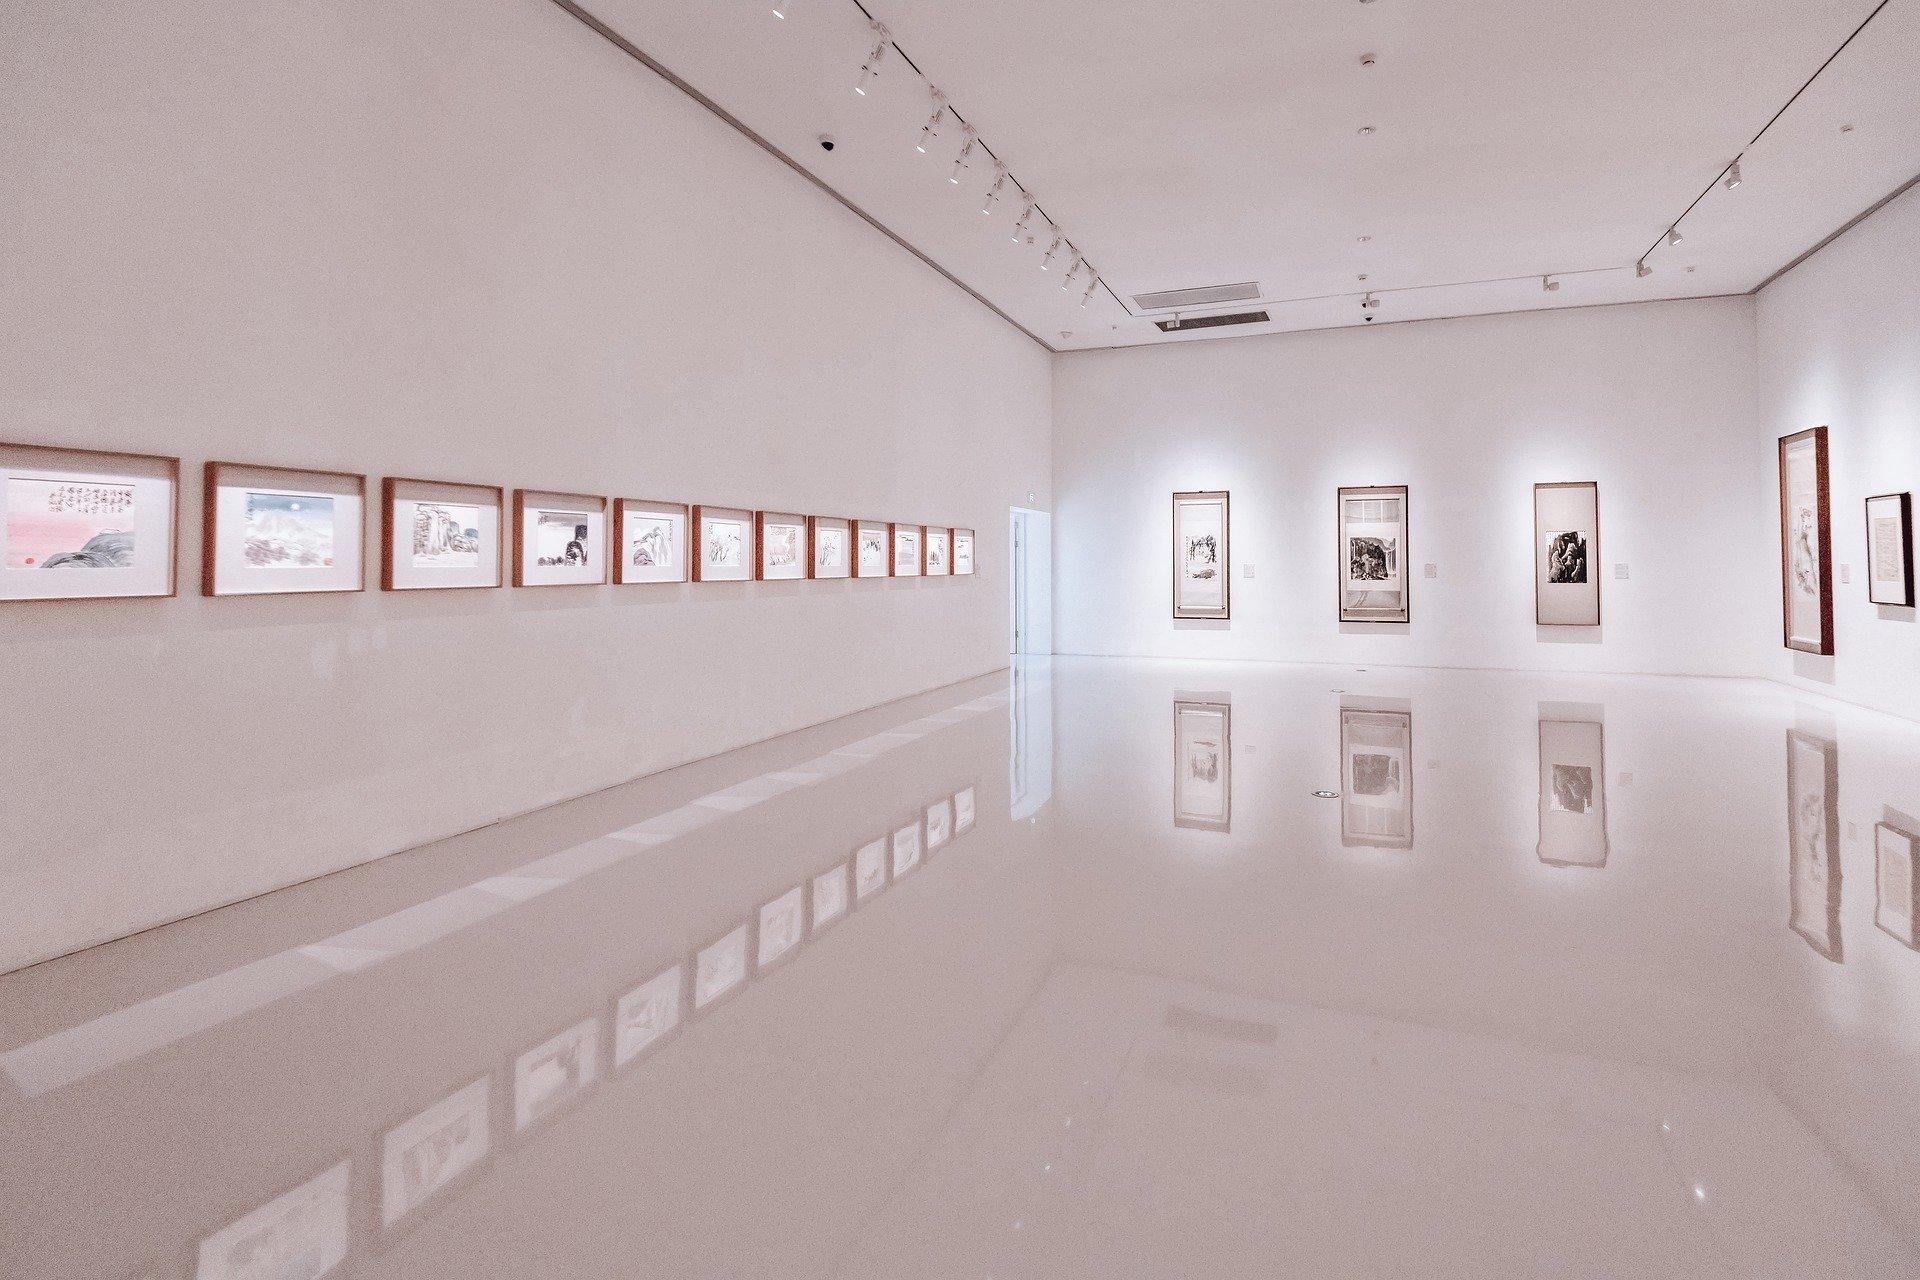 Ausstellungsfläche in einem Gedächtnispalast für Prüfungen